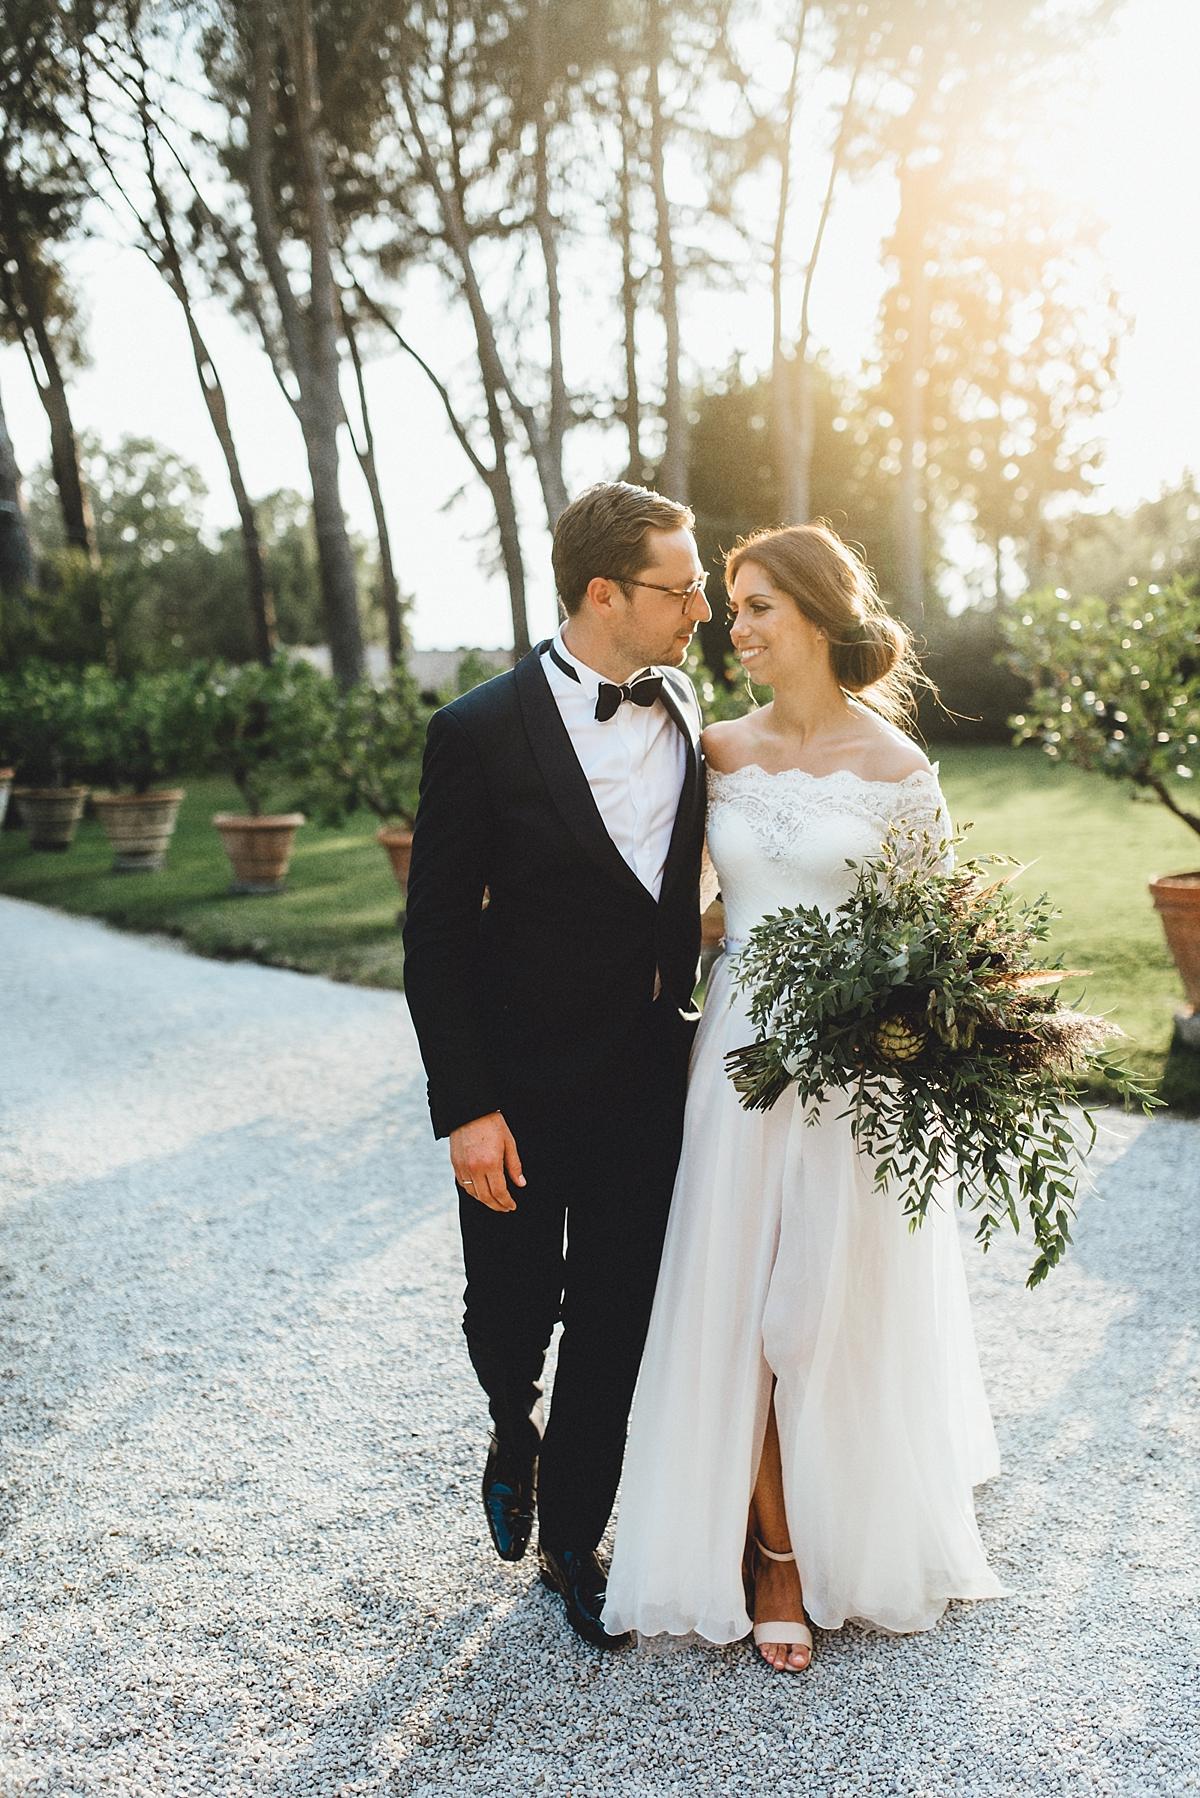 hochzeitsfotograf toskana Kristina & Daniel Mediterrane Toskana Hochzeithochzeitsfotograf toskana italien 2178